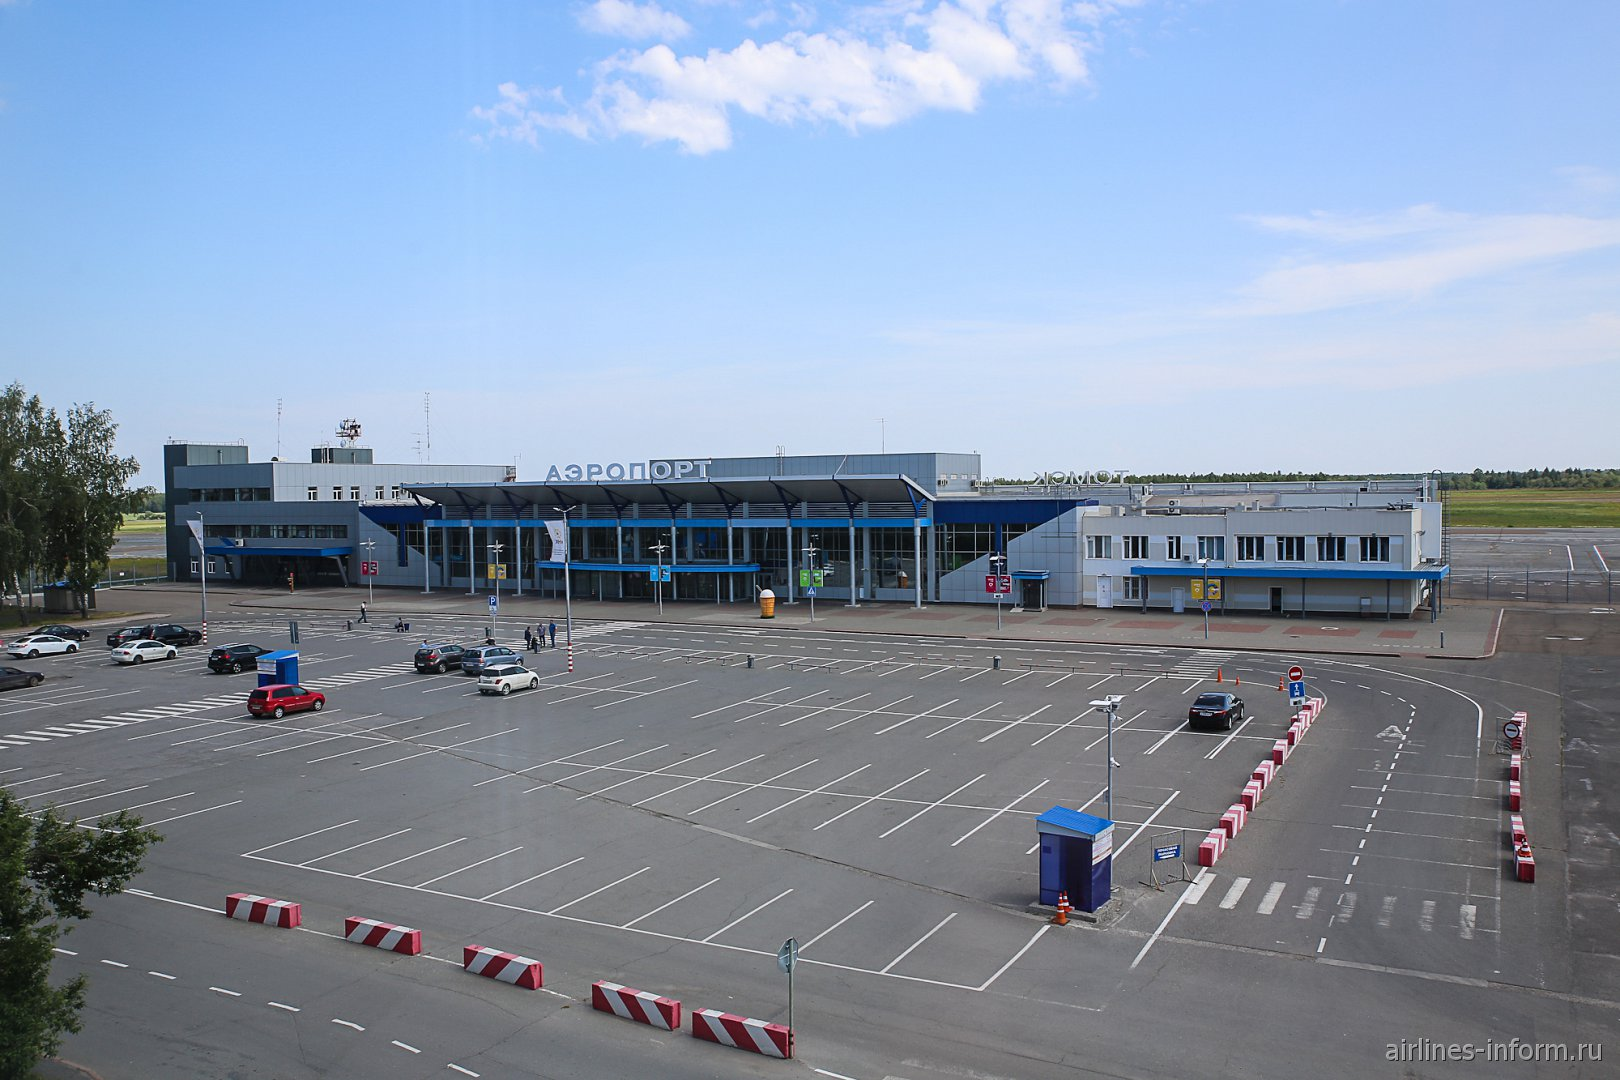 Автомобильная парковка и пассажирский терминал аэропорта Томск